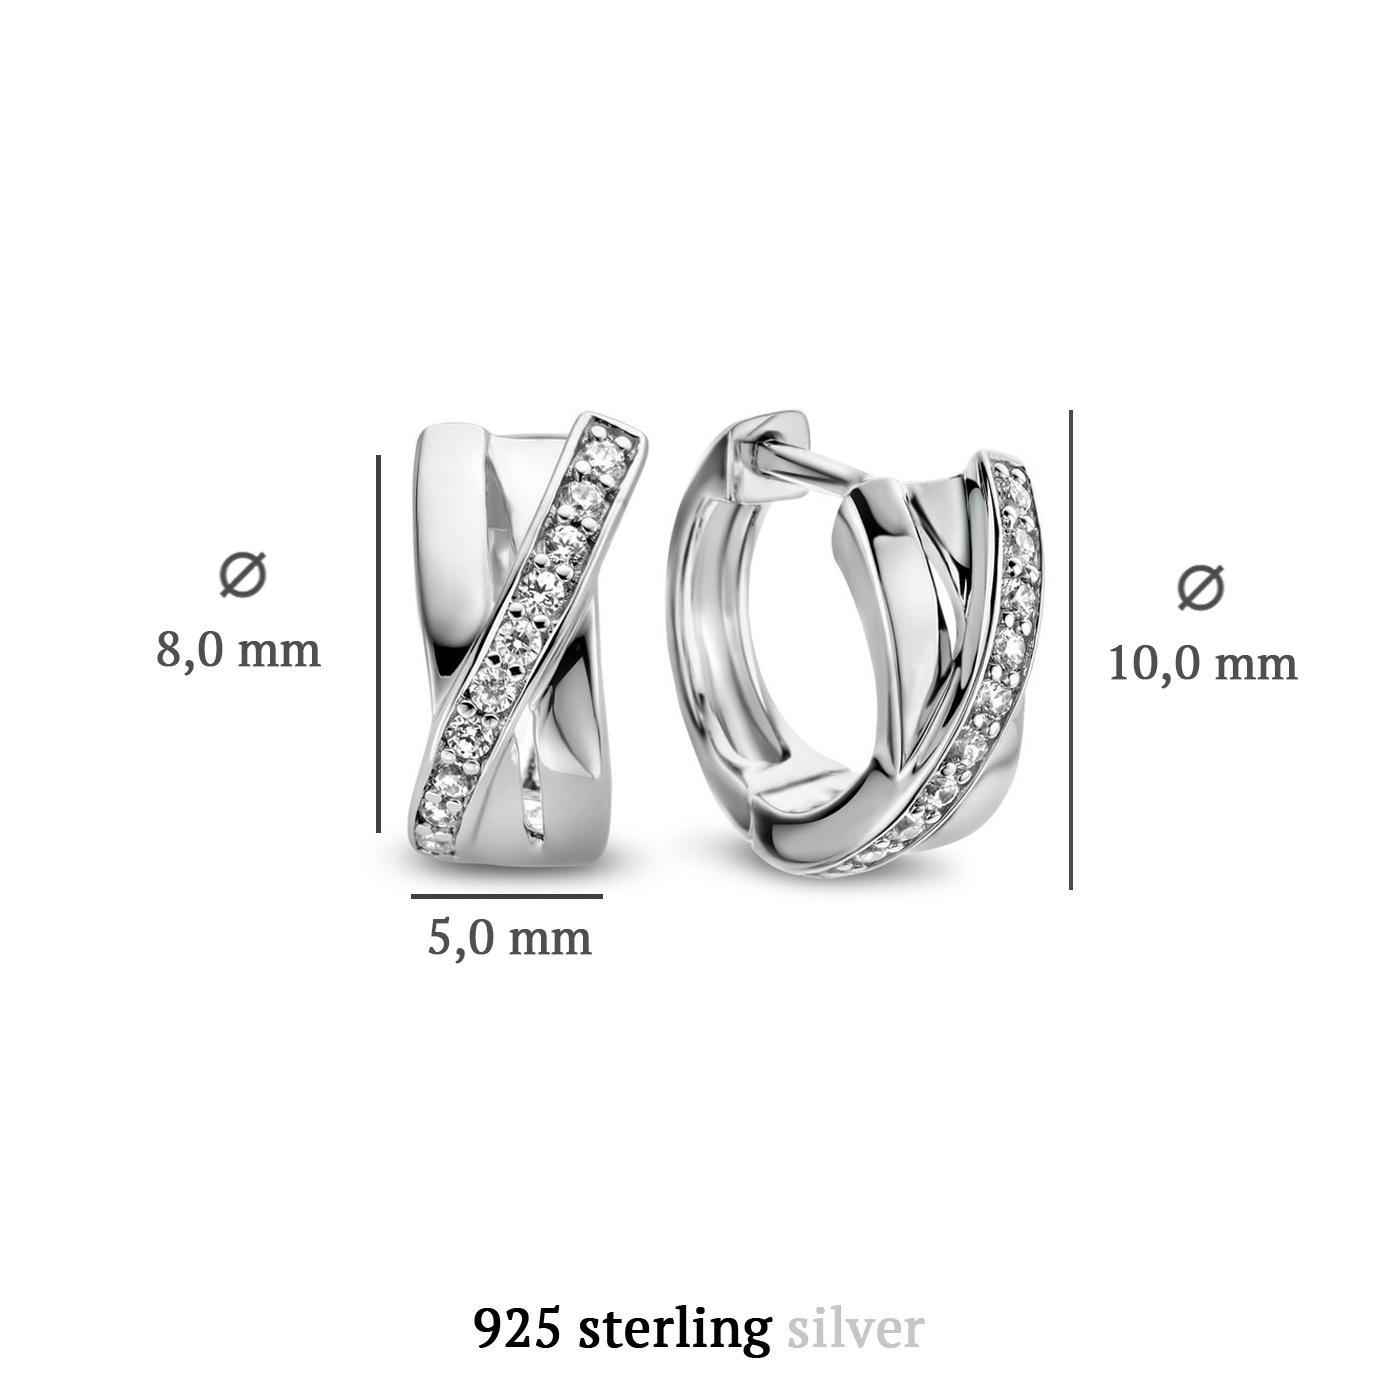 Parte di Me Ponte Vecchio Vasariano 925 sterling zilveren creolen met zirkonia